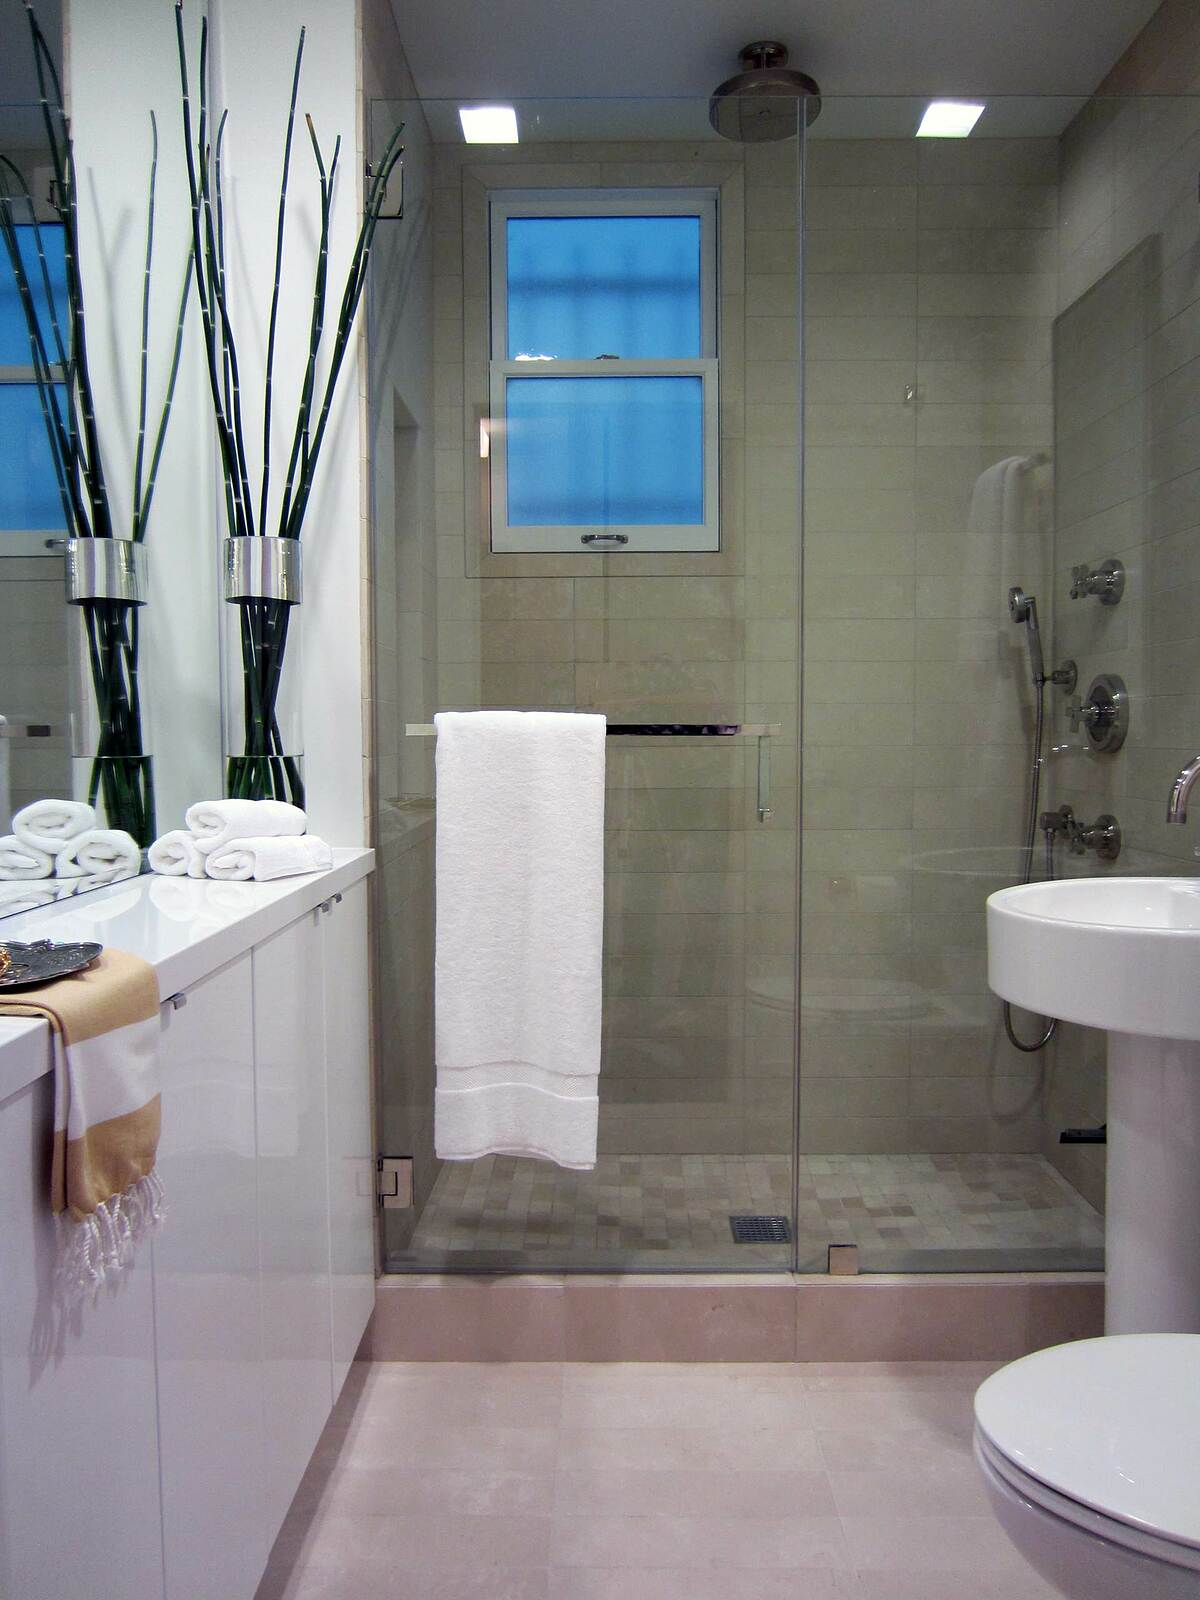 Gắn thanh treo khăn trên cửa: Trong không gian nhỏ hẹp, chủ nhà có thể tận dụng cửa buồng tắm để gắn thêm thanh treo khăn. Điều này vừa tiết kiện diện tích trữ đồ vừa giúp việc sử dụng khăn tiện hơn.